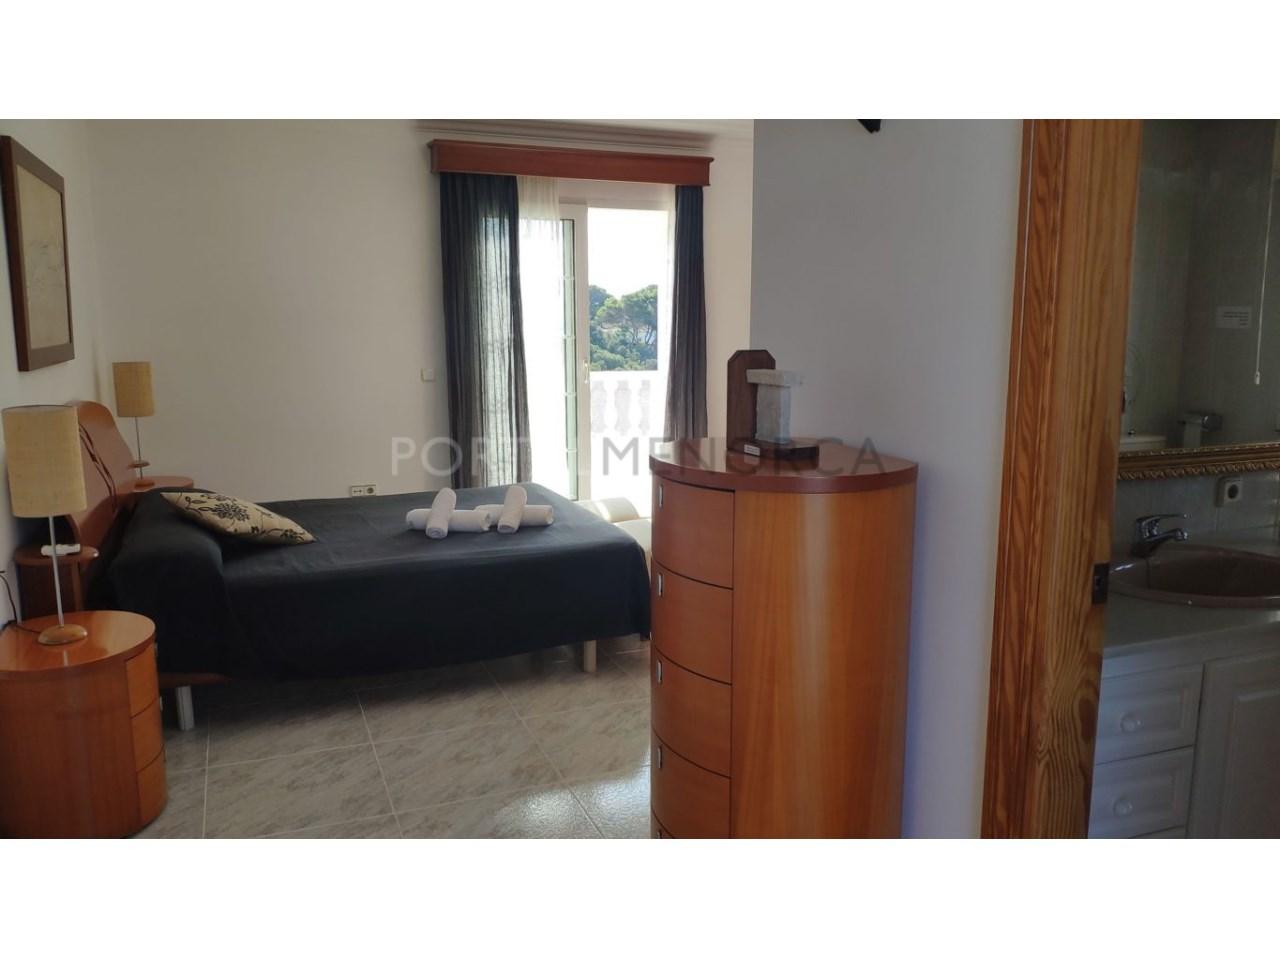 Chalet en venta en Calan Blanes con licencia turística Ciutadella Menorca suite 2